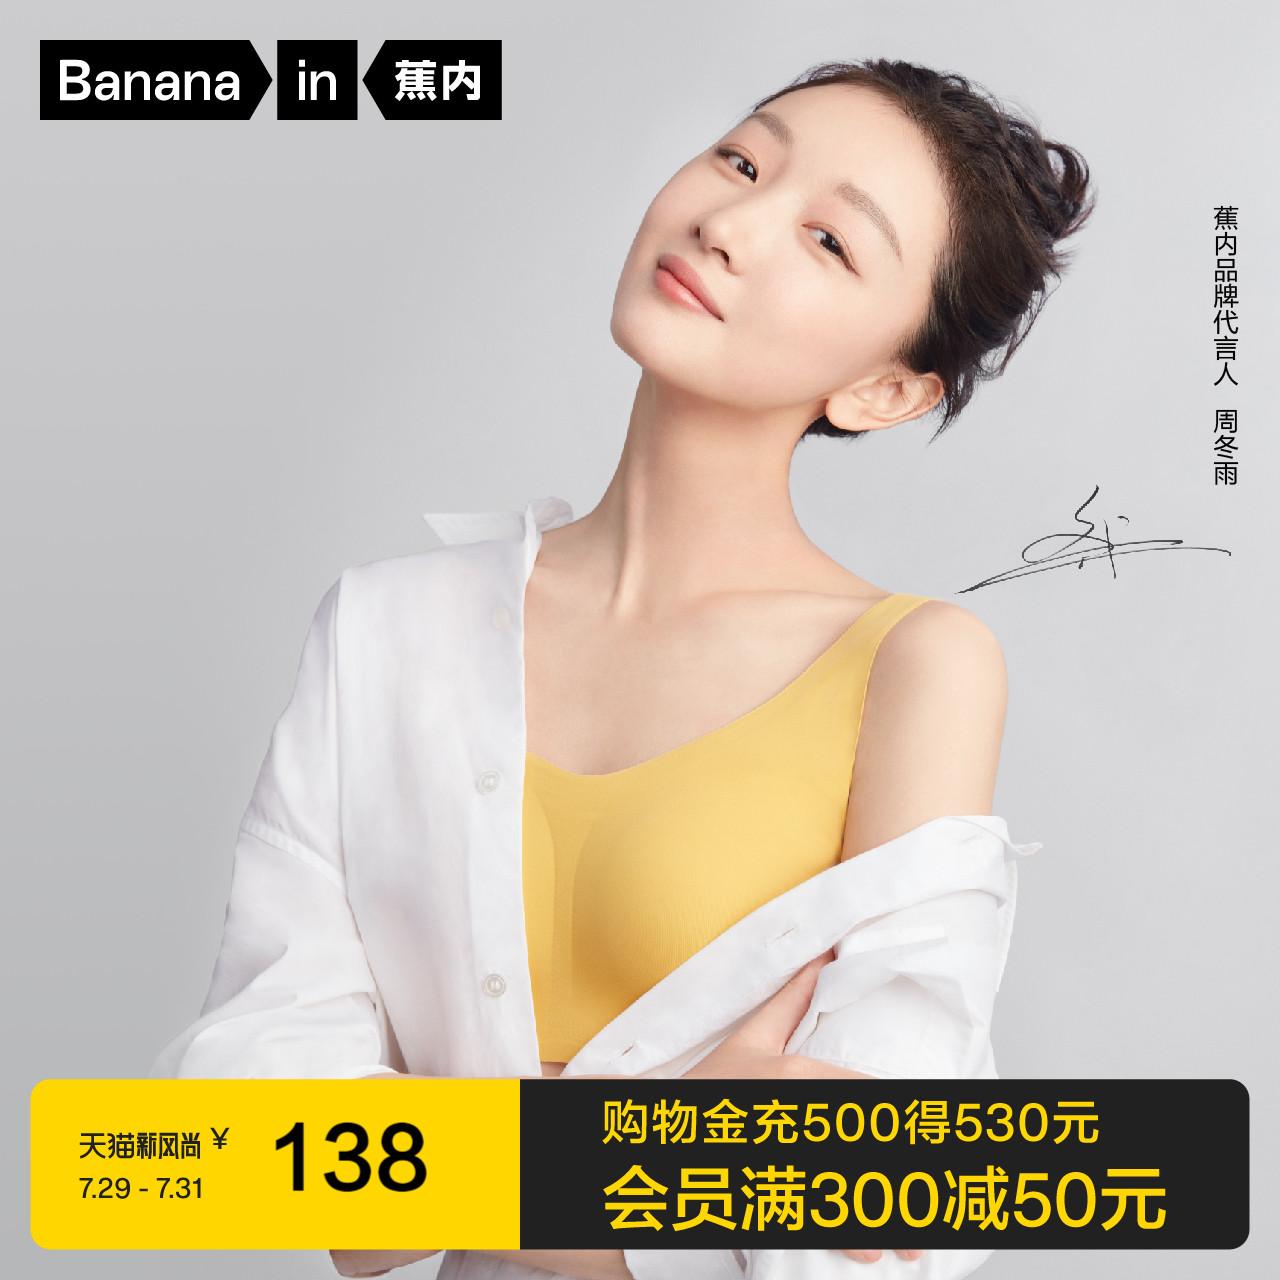 【周冬雨同款】蕉内508a背心式女文胸